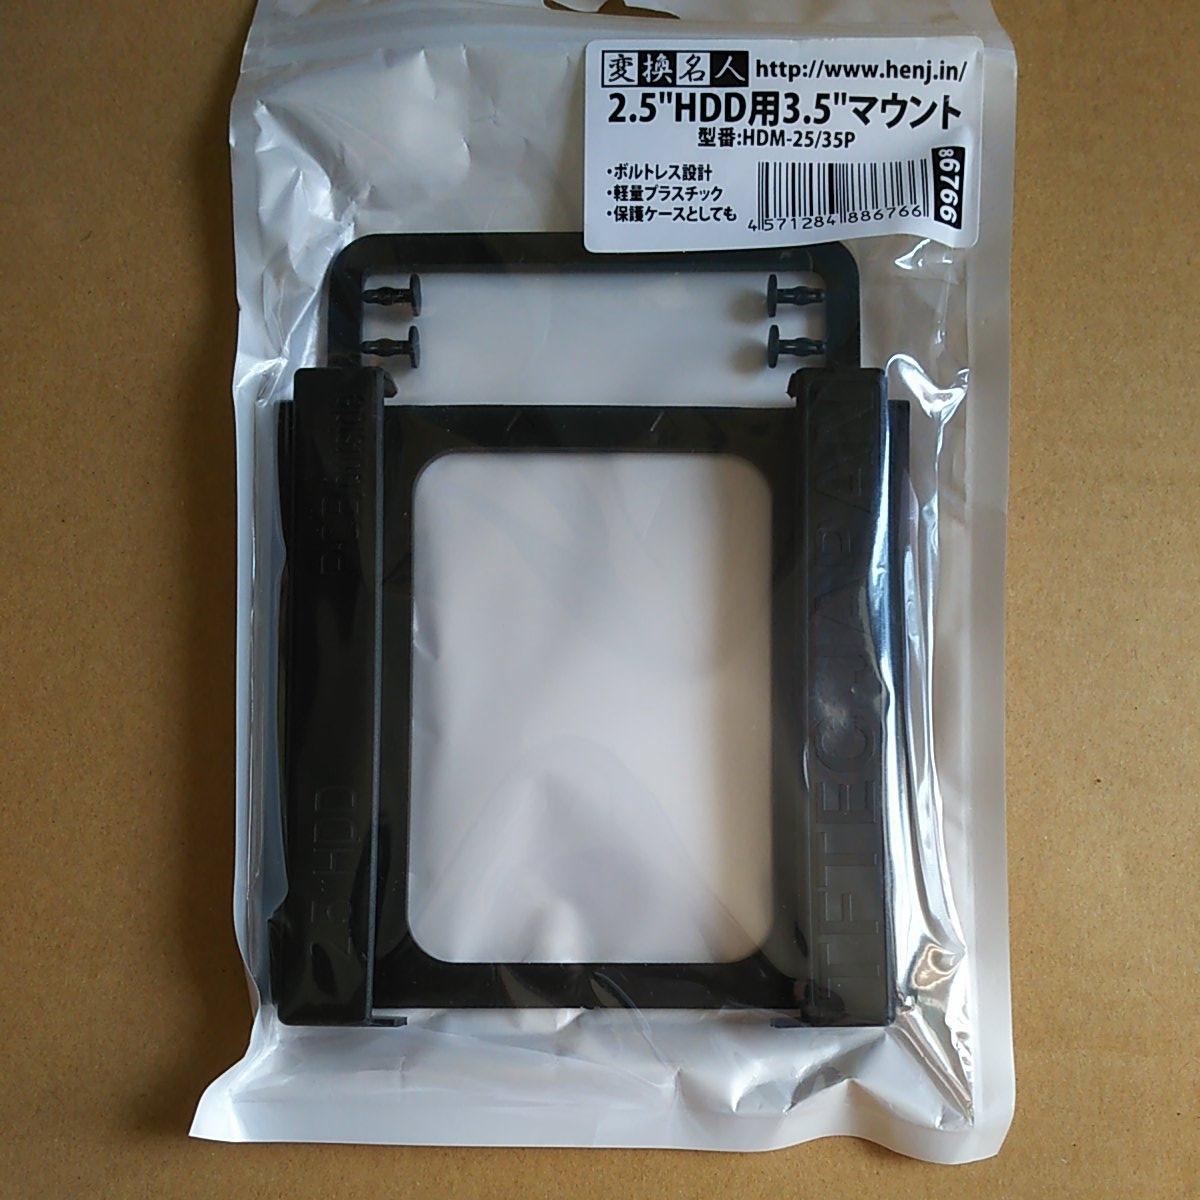 ■SSDを3.5インチベイに取り付けるマウンタ 2.5 HDD用 3.5 HDDマウント